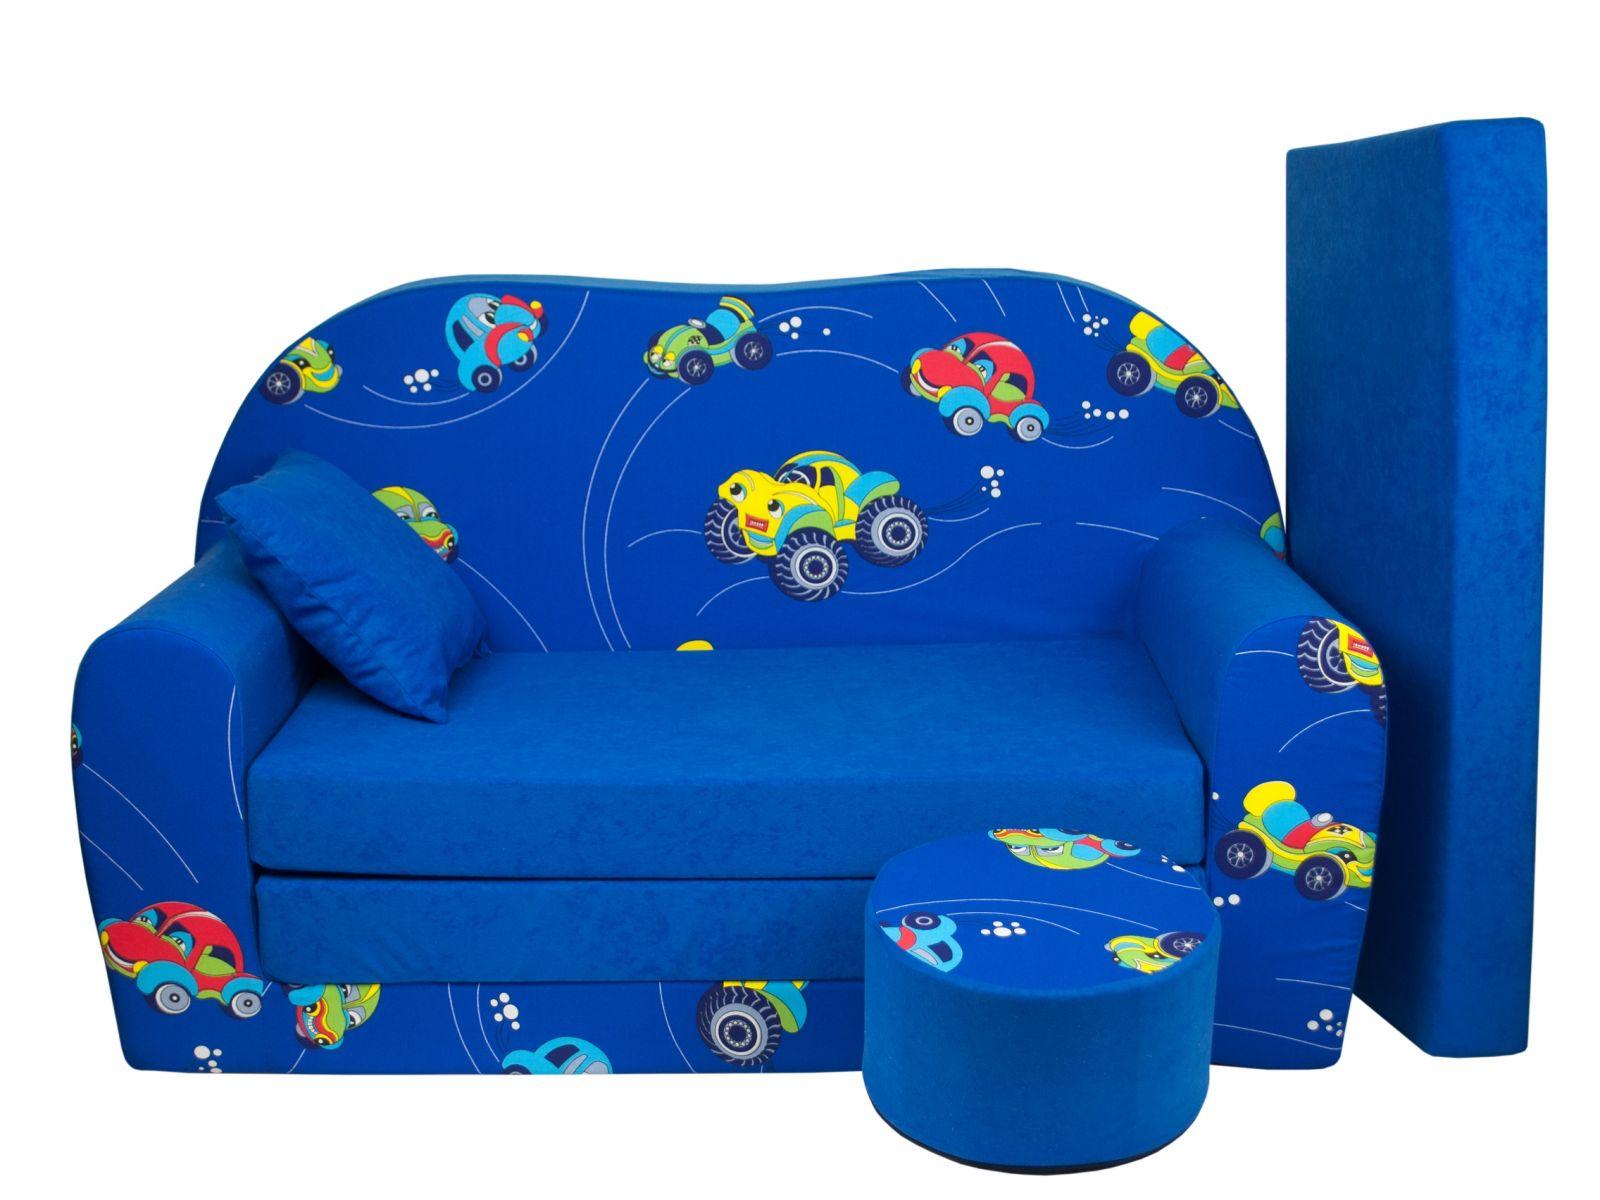 Fimex Dětská rozkládací pohovka Autíčka modrá